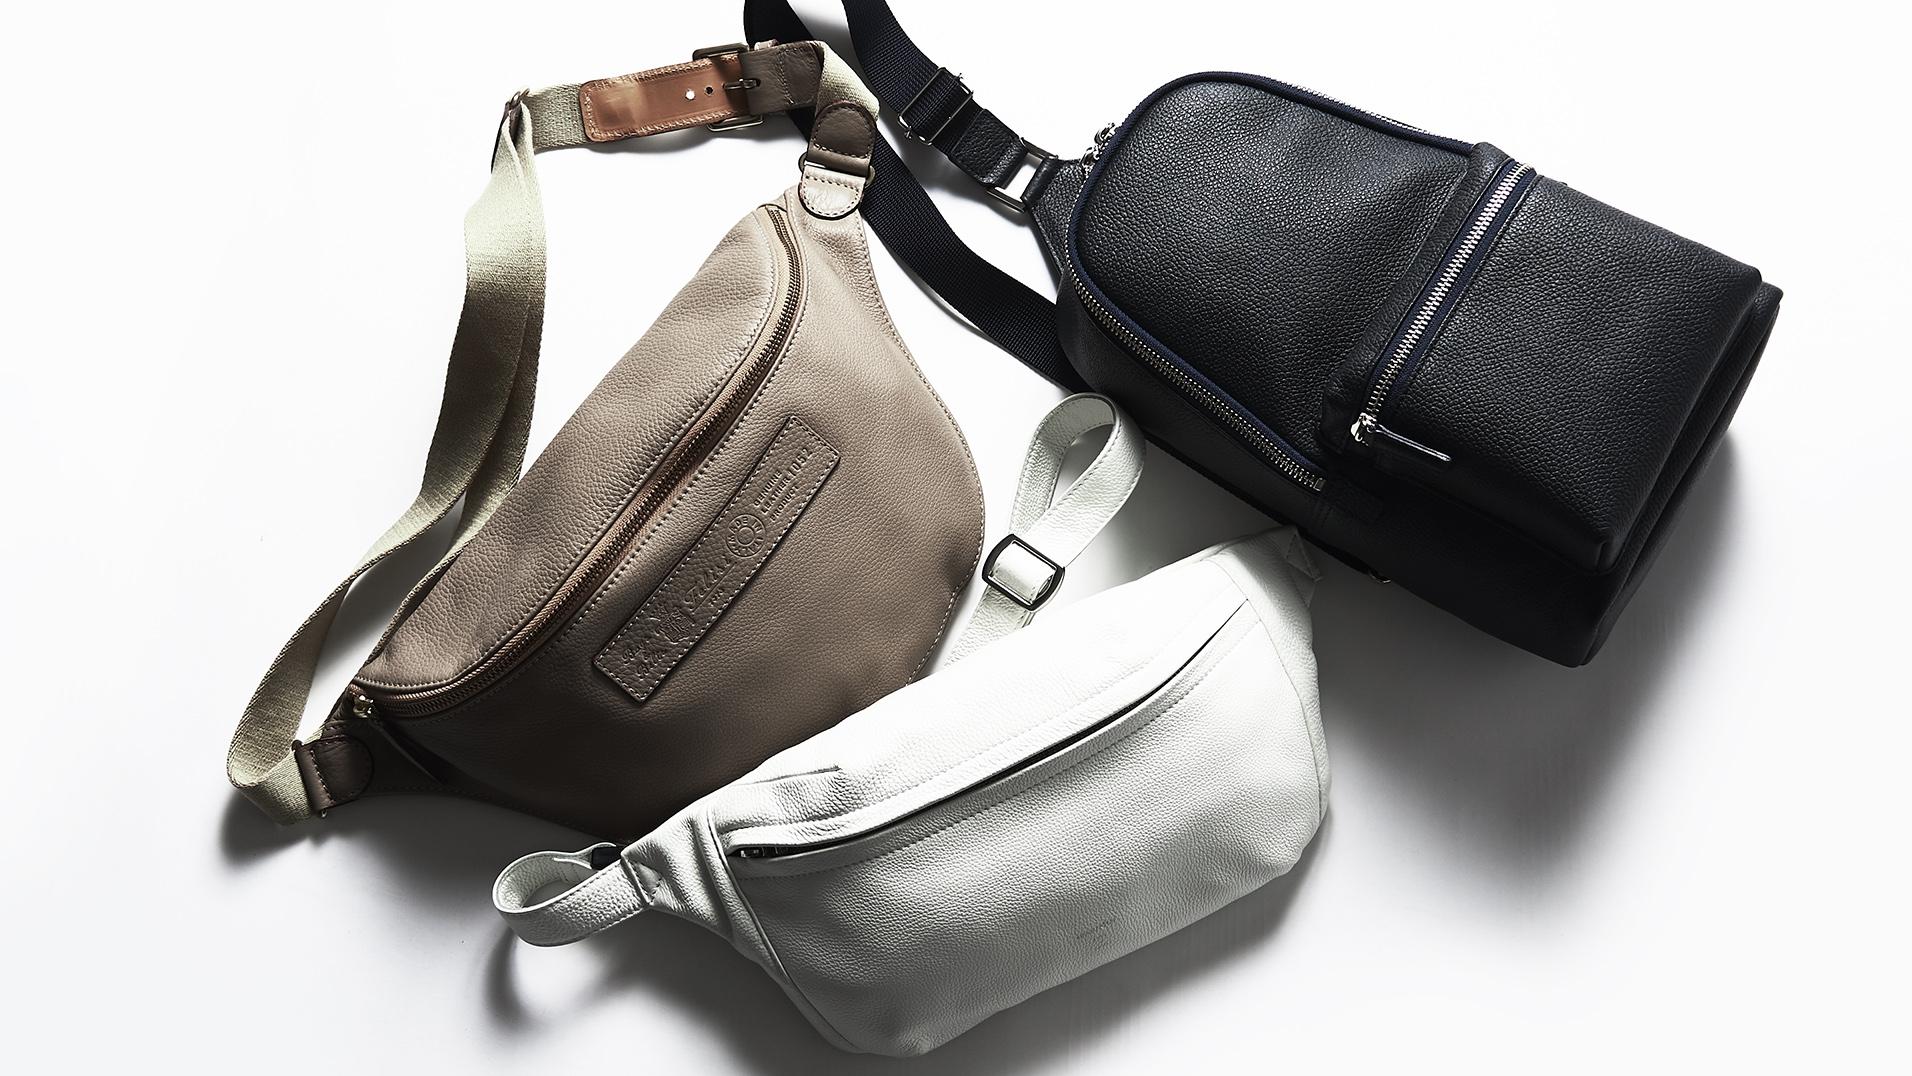 【人気】センスがいいと言われる人は、こんなバッグを使ってました | メンズファッション | LEON レオン オフィシャルWebサイト